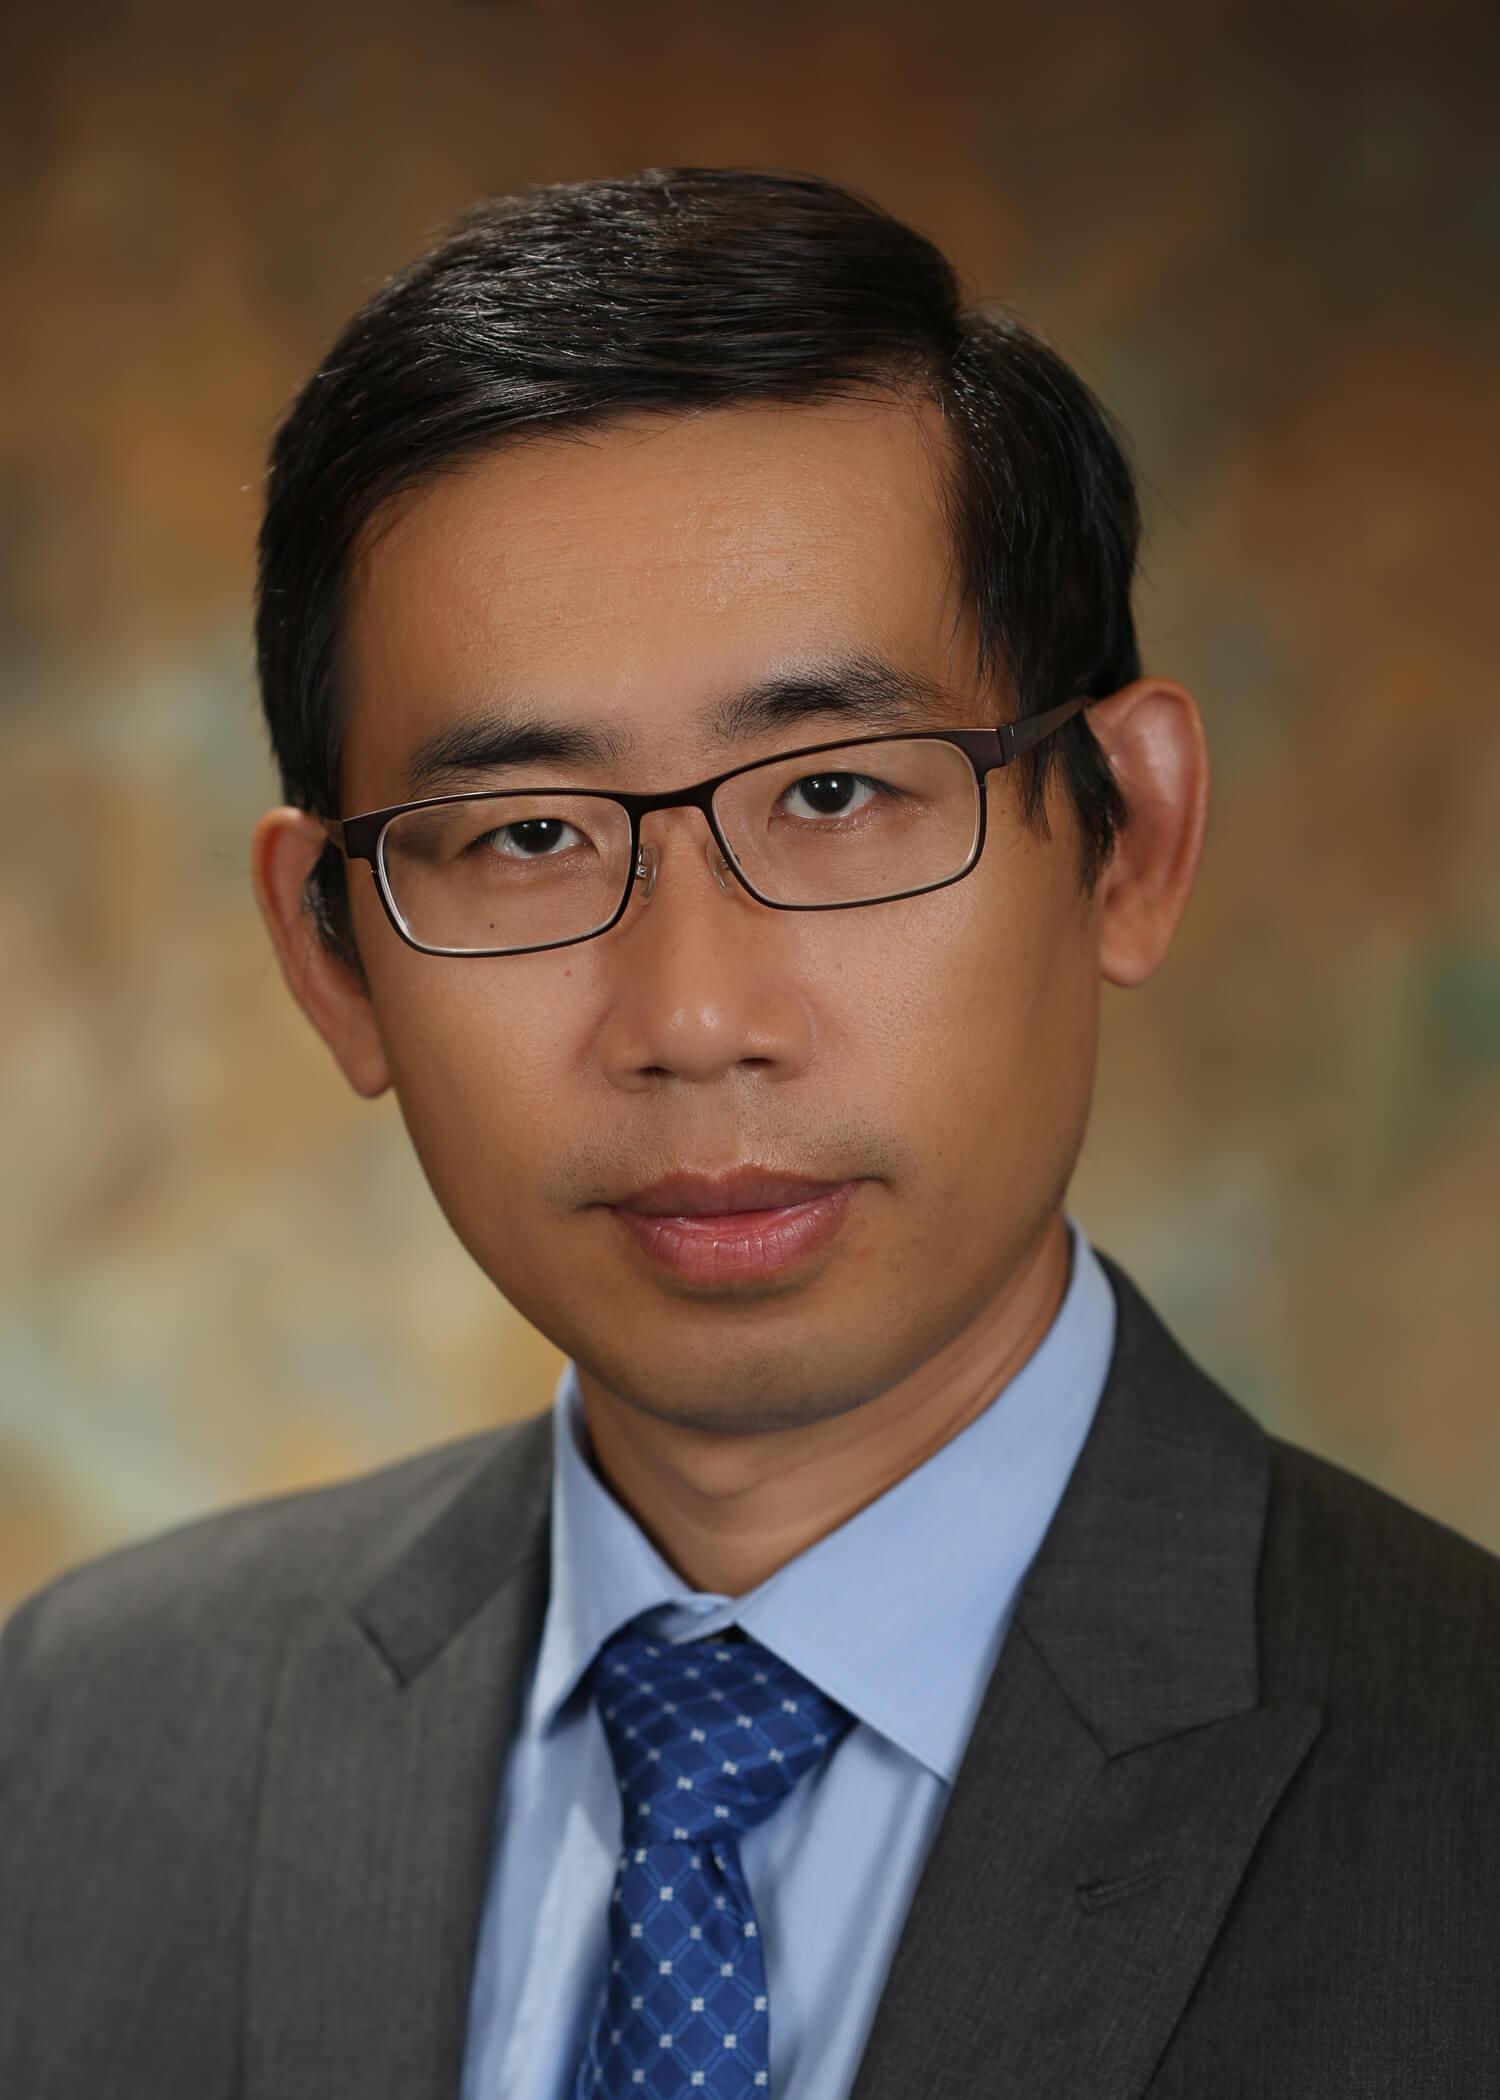 Zhen Jiao